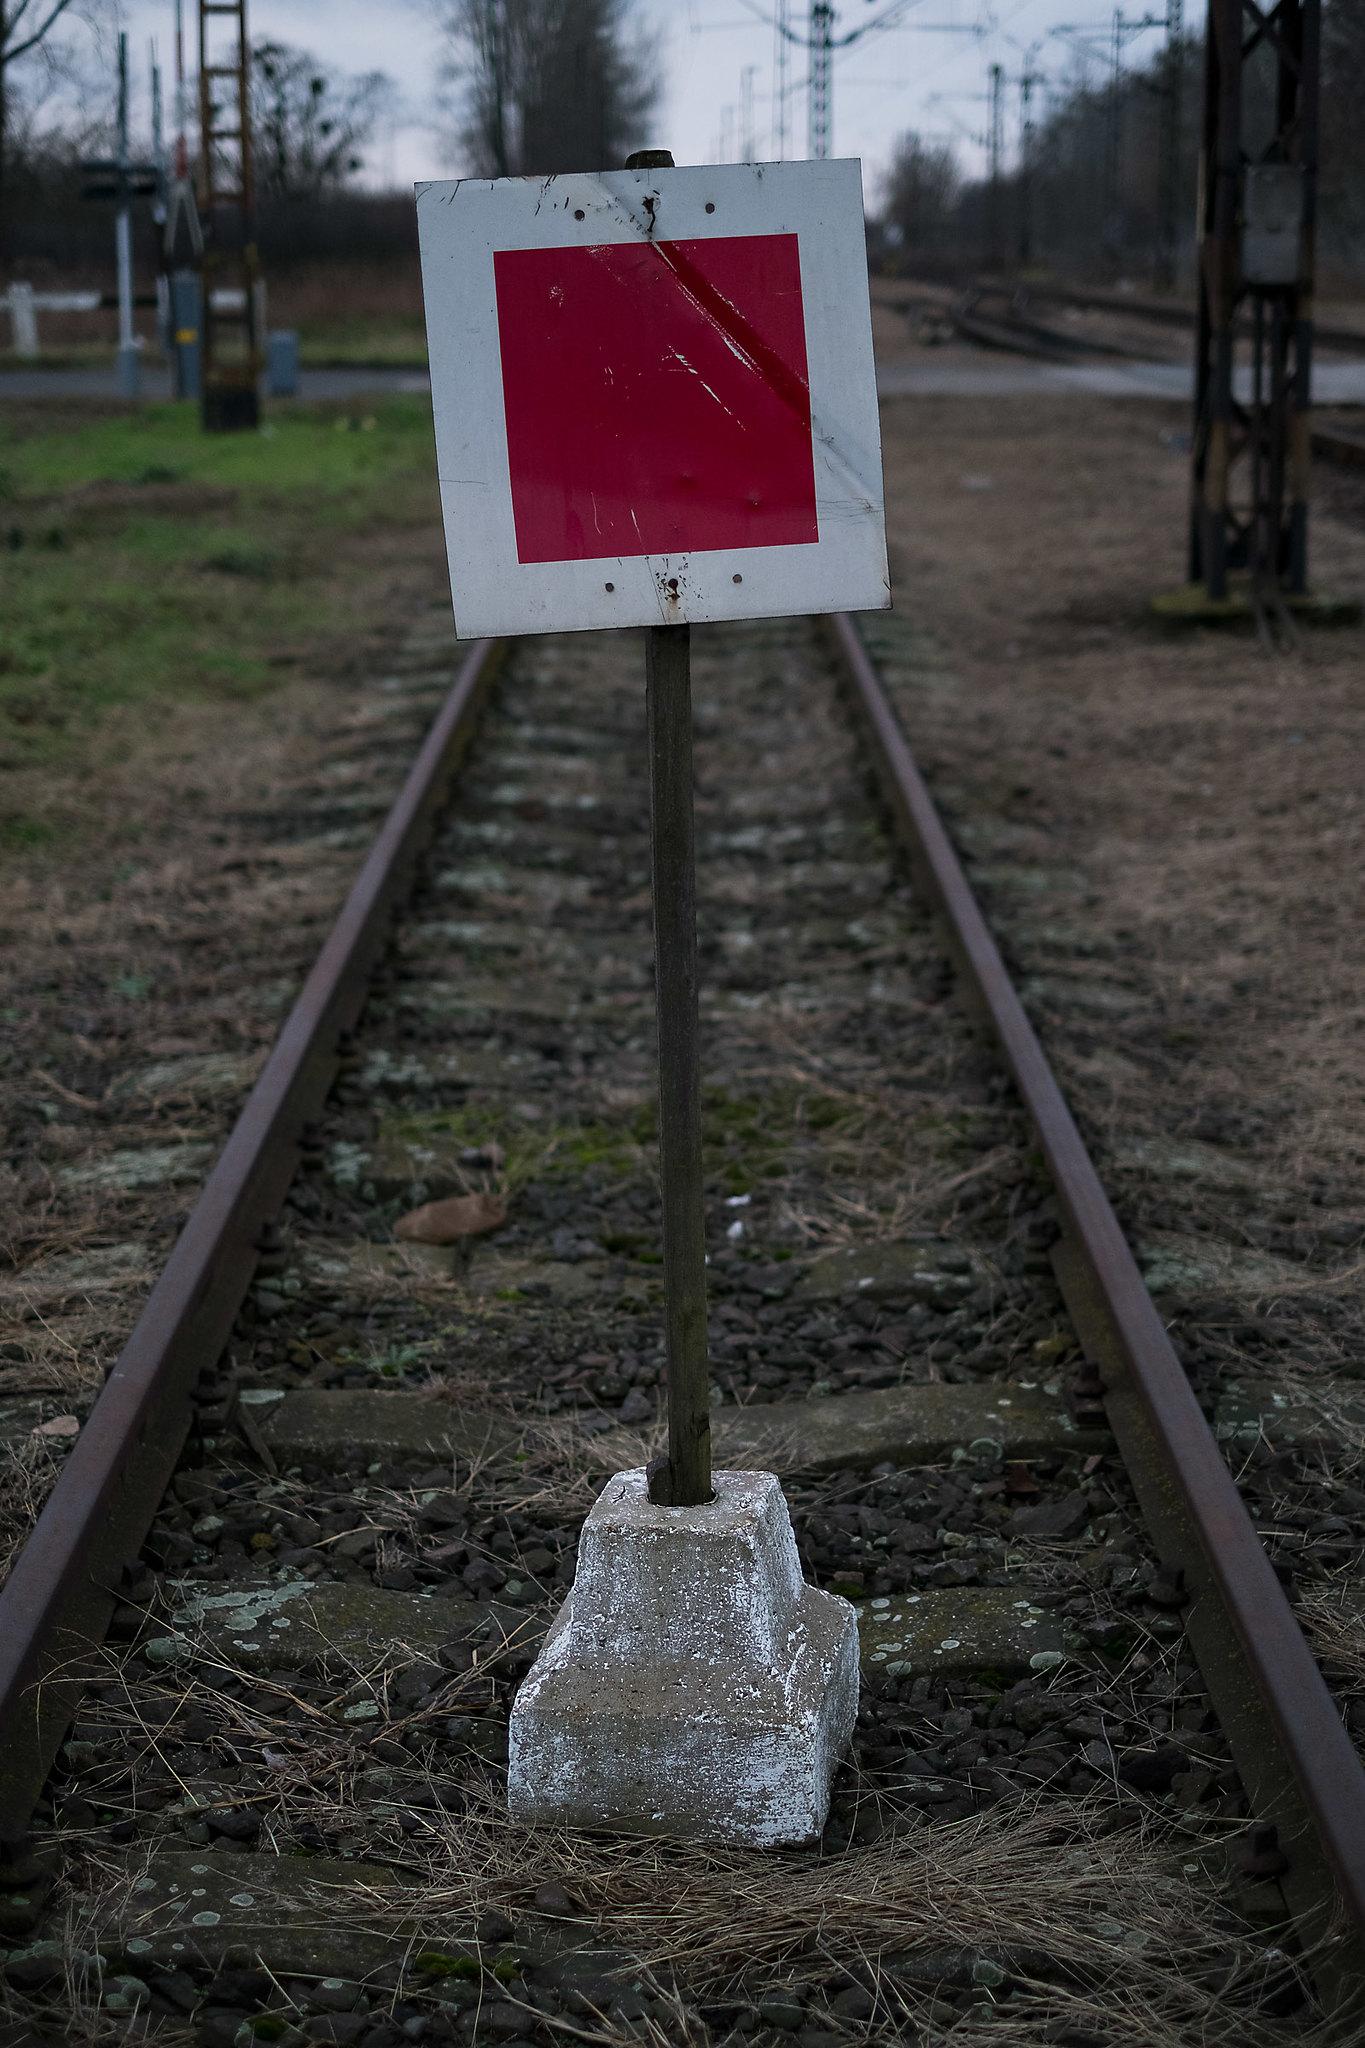 Kocsma mándokon és lezárt vágány az eperjeskei átrakó mellett | Fotók: Magócsi Márton